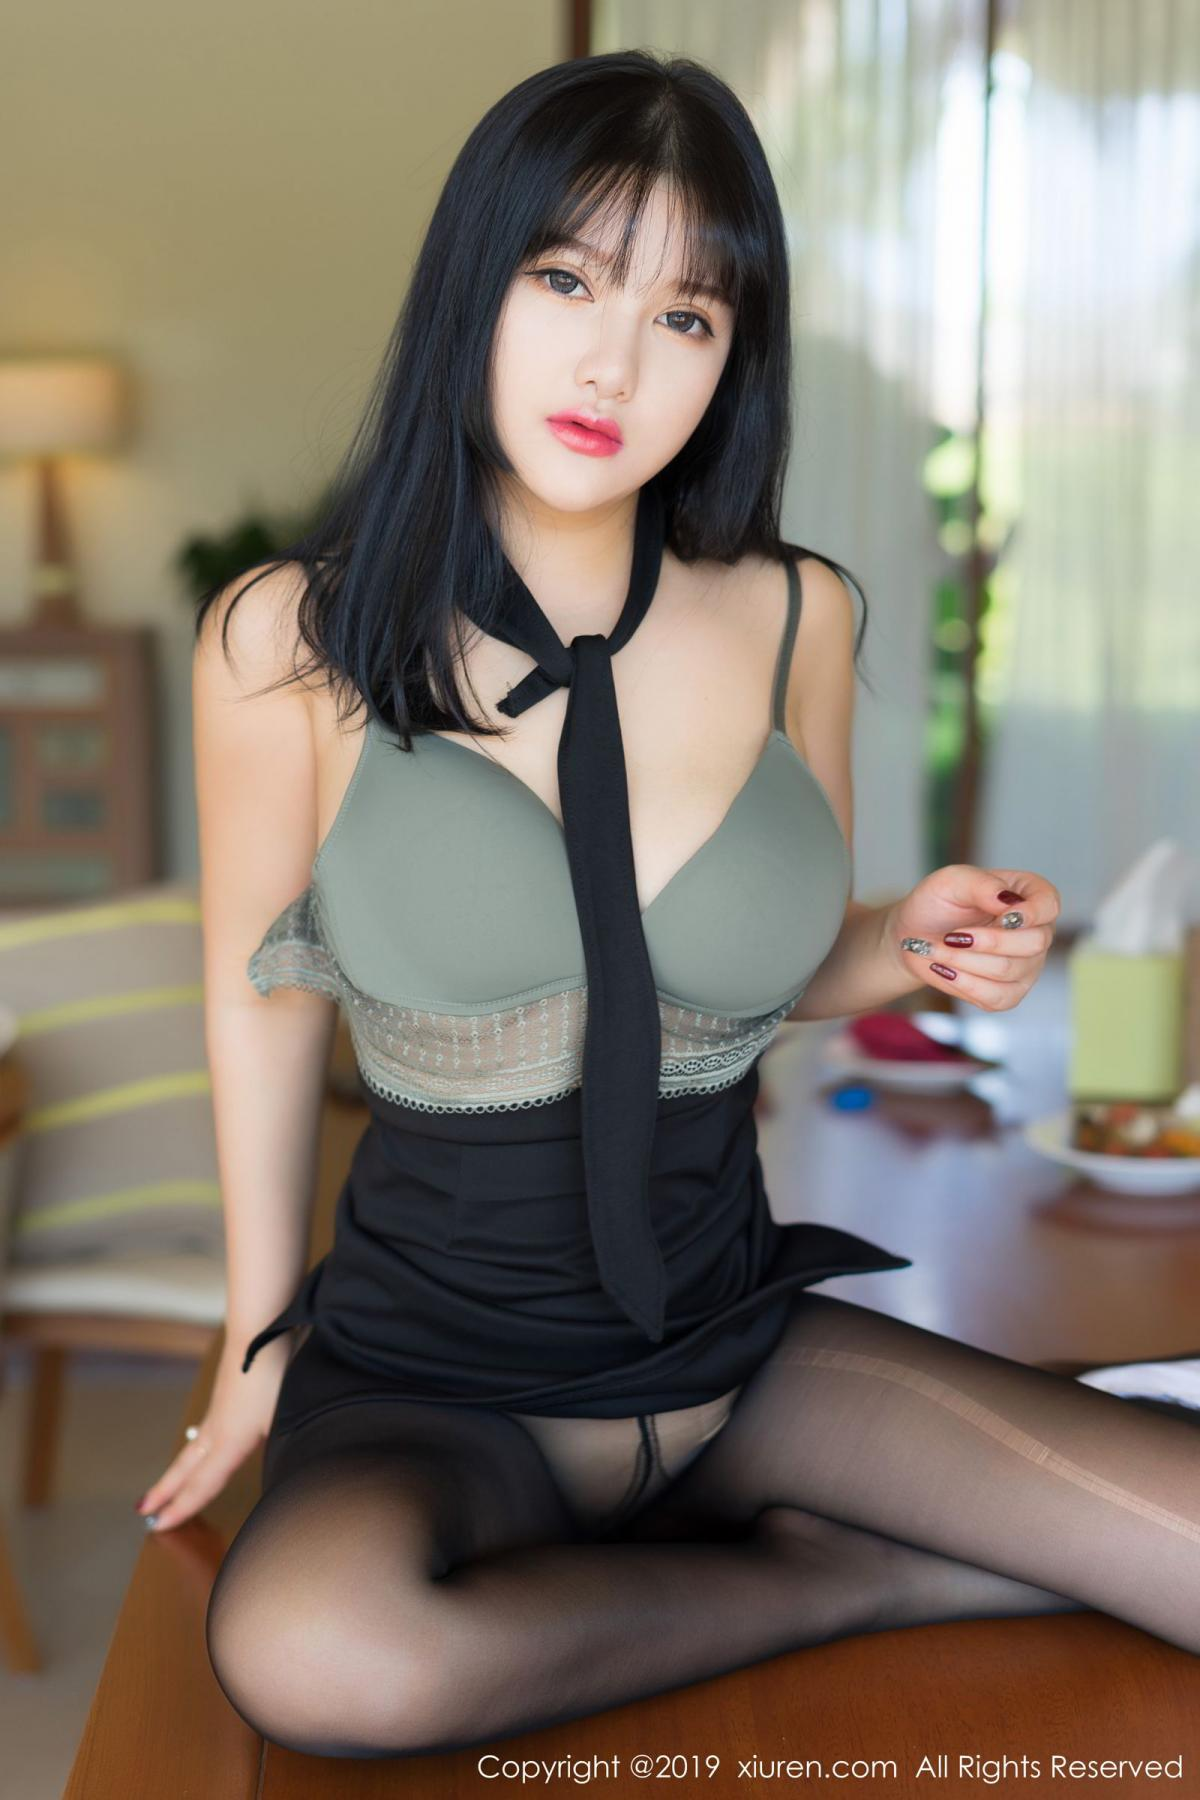 [XiuRen] Vol.1653 Lu Lu Xiao Miao 44P, Lu Lu Xiao Miao, Underwear, Xiuren